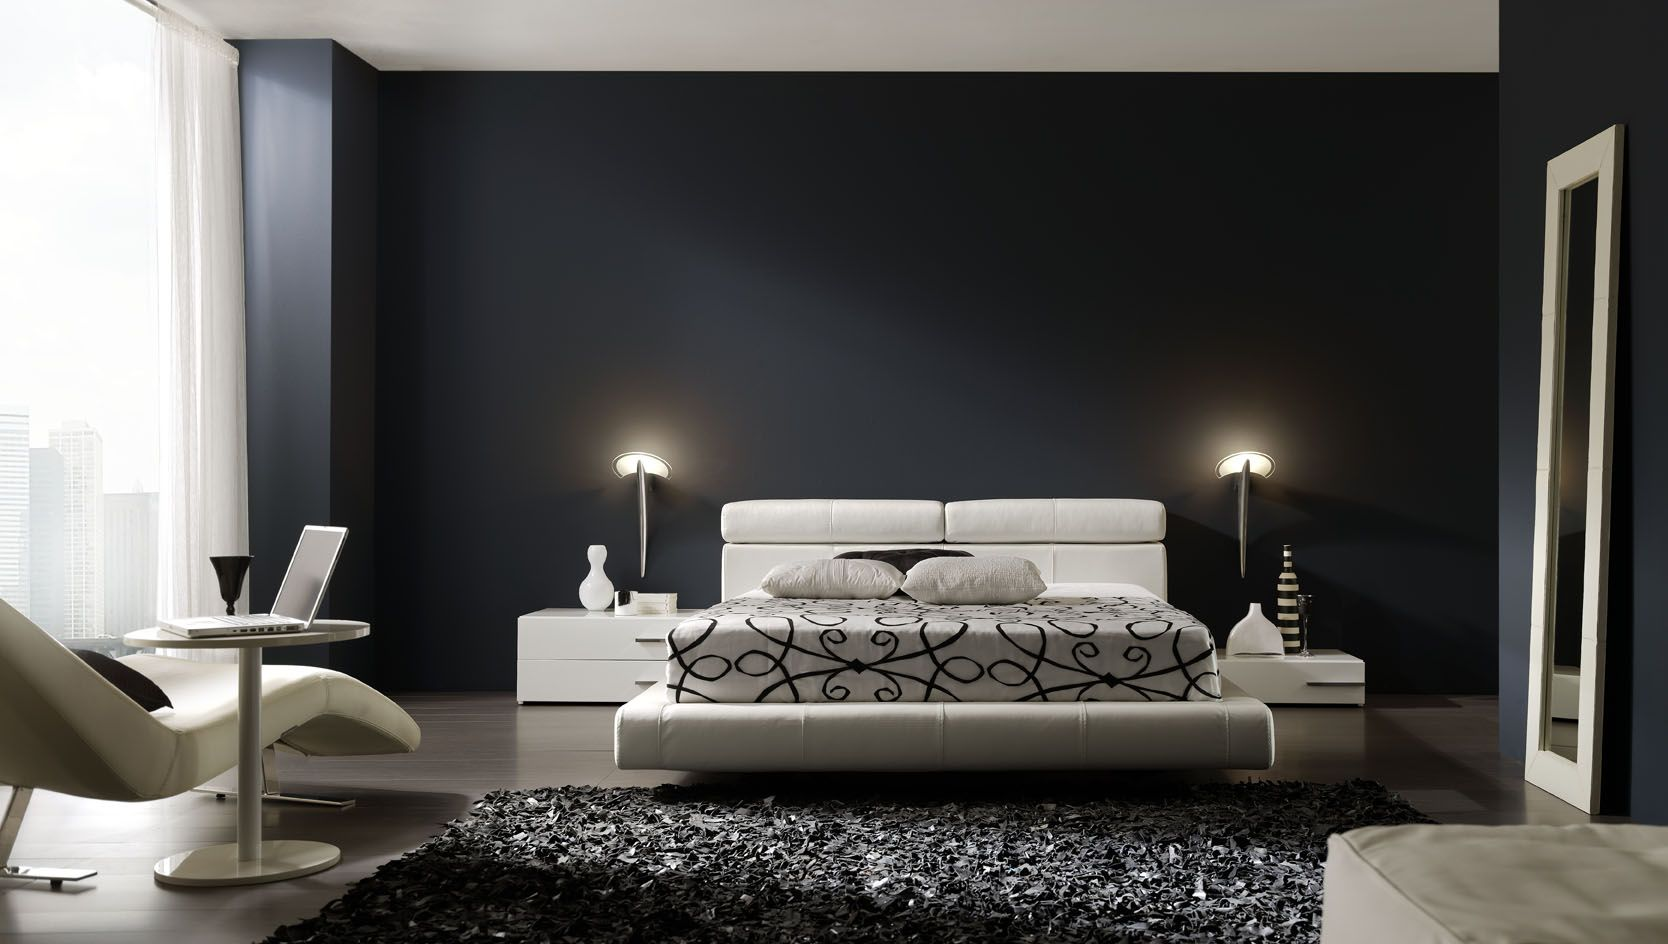 Interiores Modernos con detalles negros | Los mejores proyectos de ...